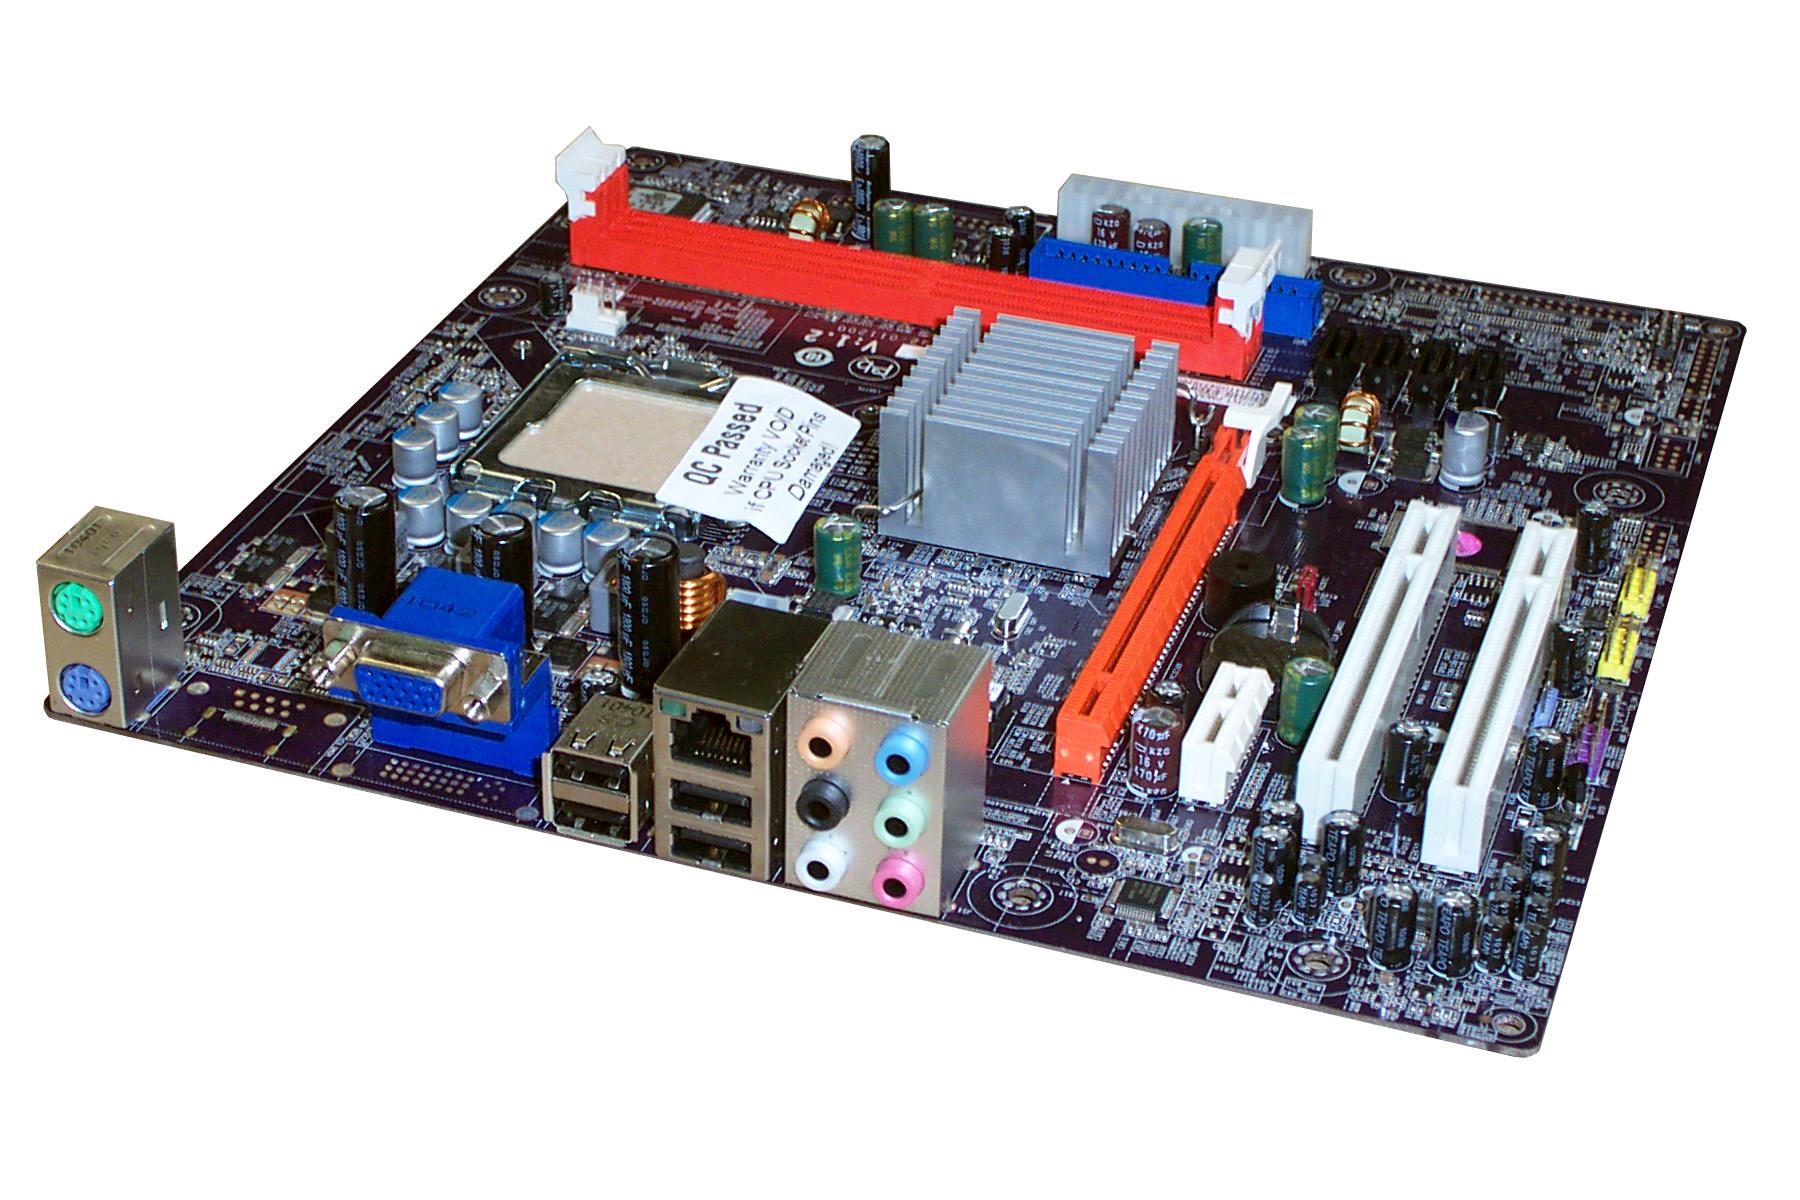 MCP73VT-PM V:1.0 ECS Intel LGA775 PCIe PC Motherboard